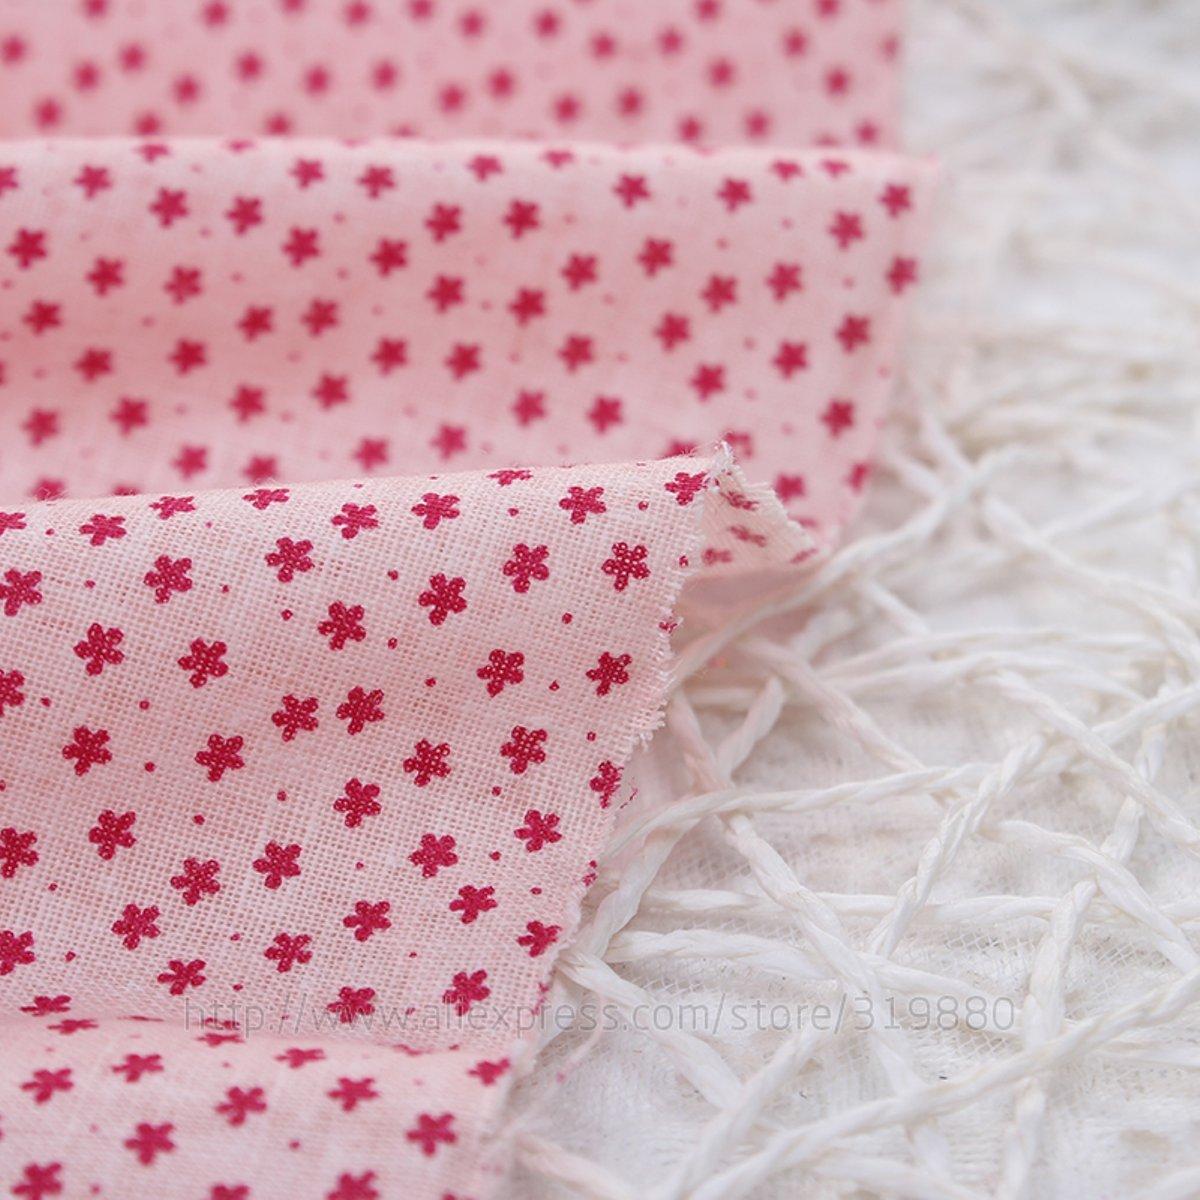 TACOLI - Juego de 7 piezas de tela de costura, 50 cm x 50 cm ...